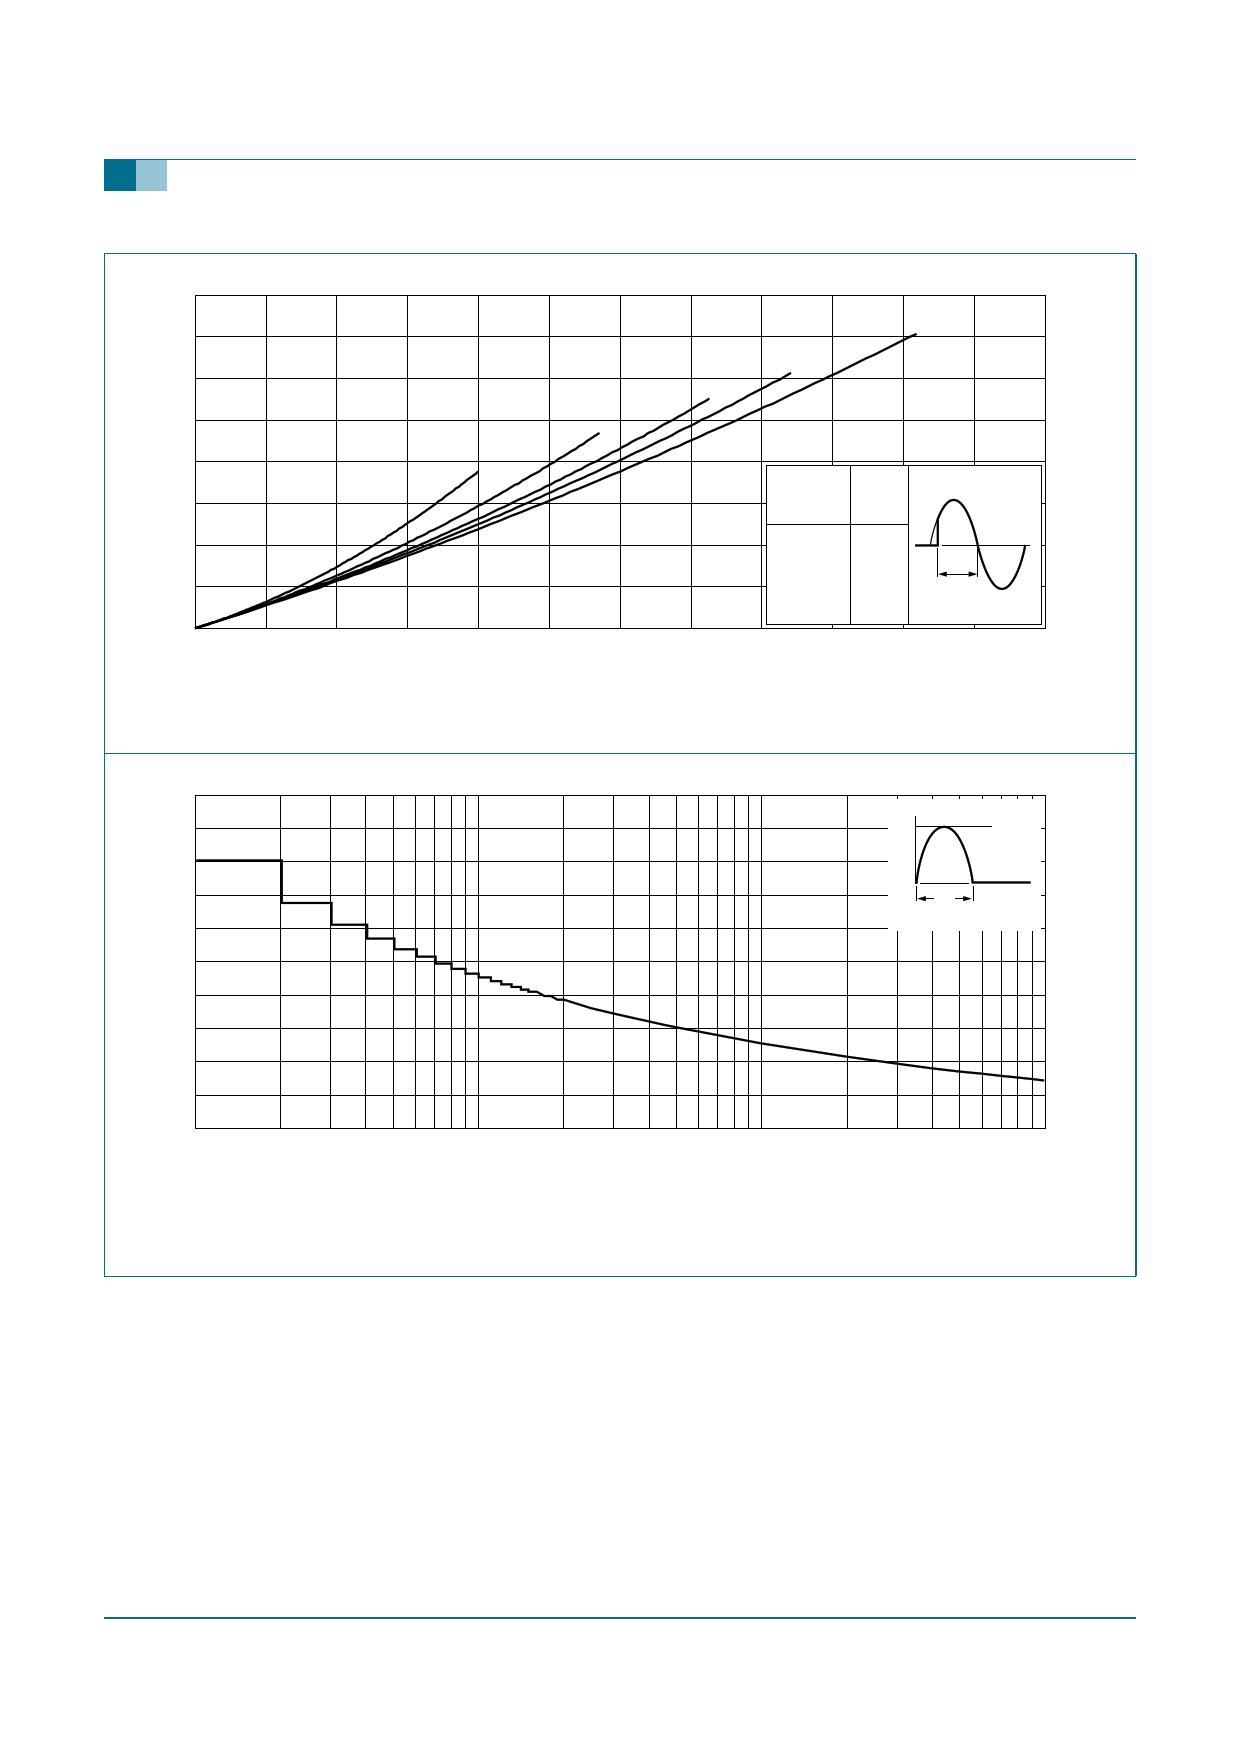 BT168 pdf, 電子部品, 半導体, ピン配列